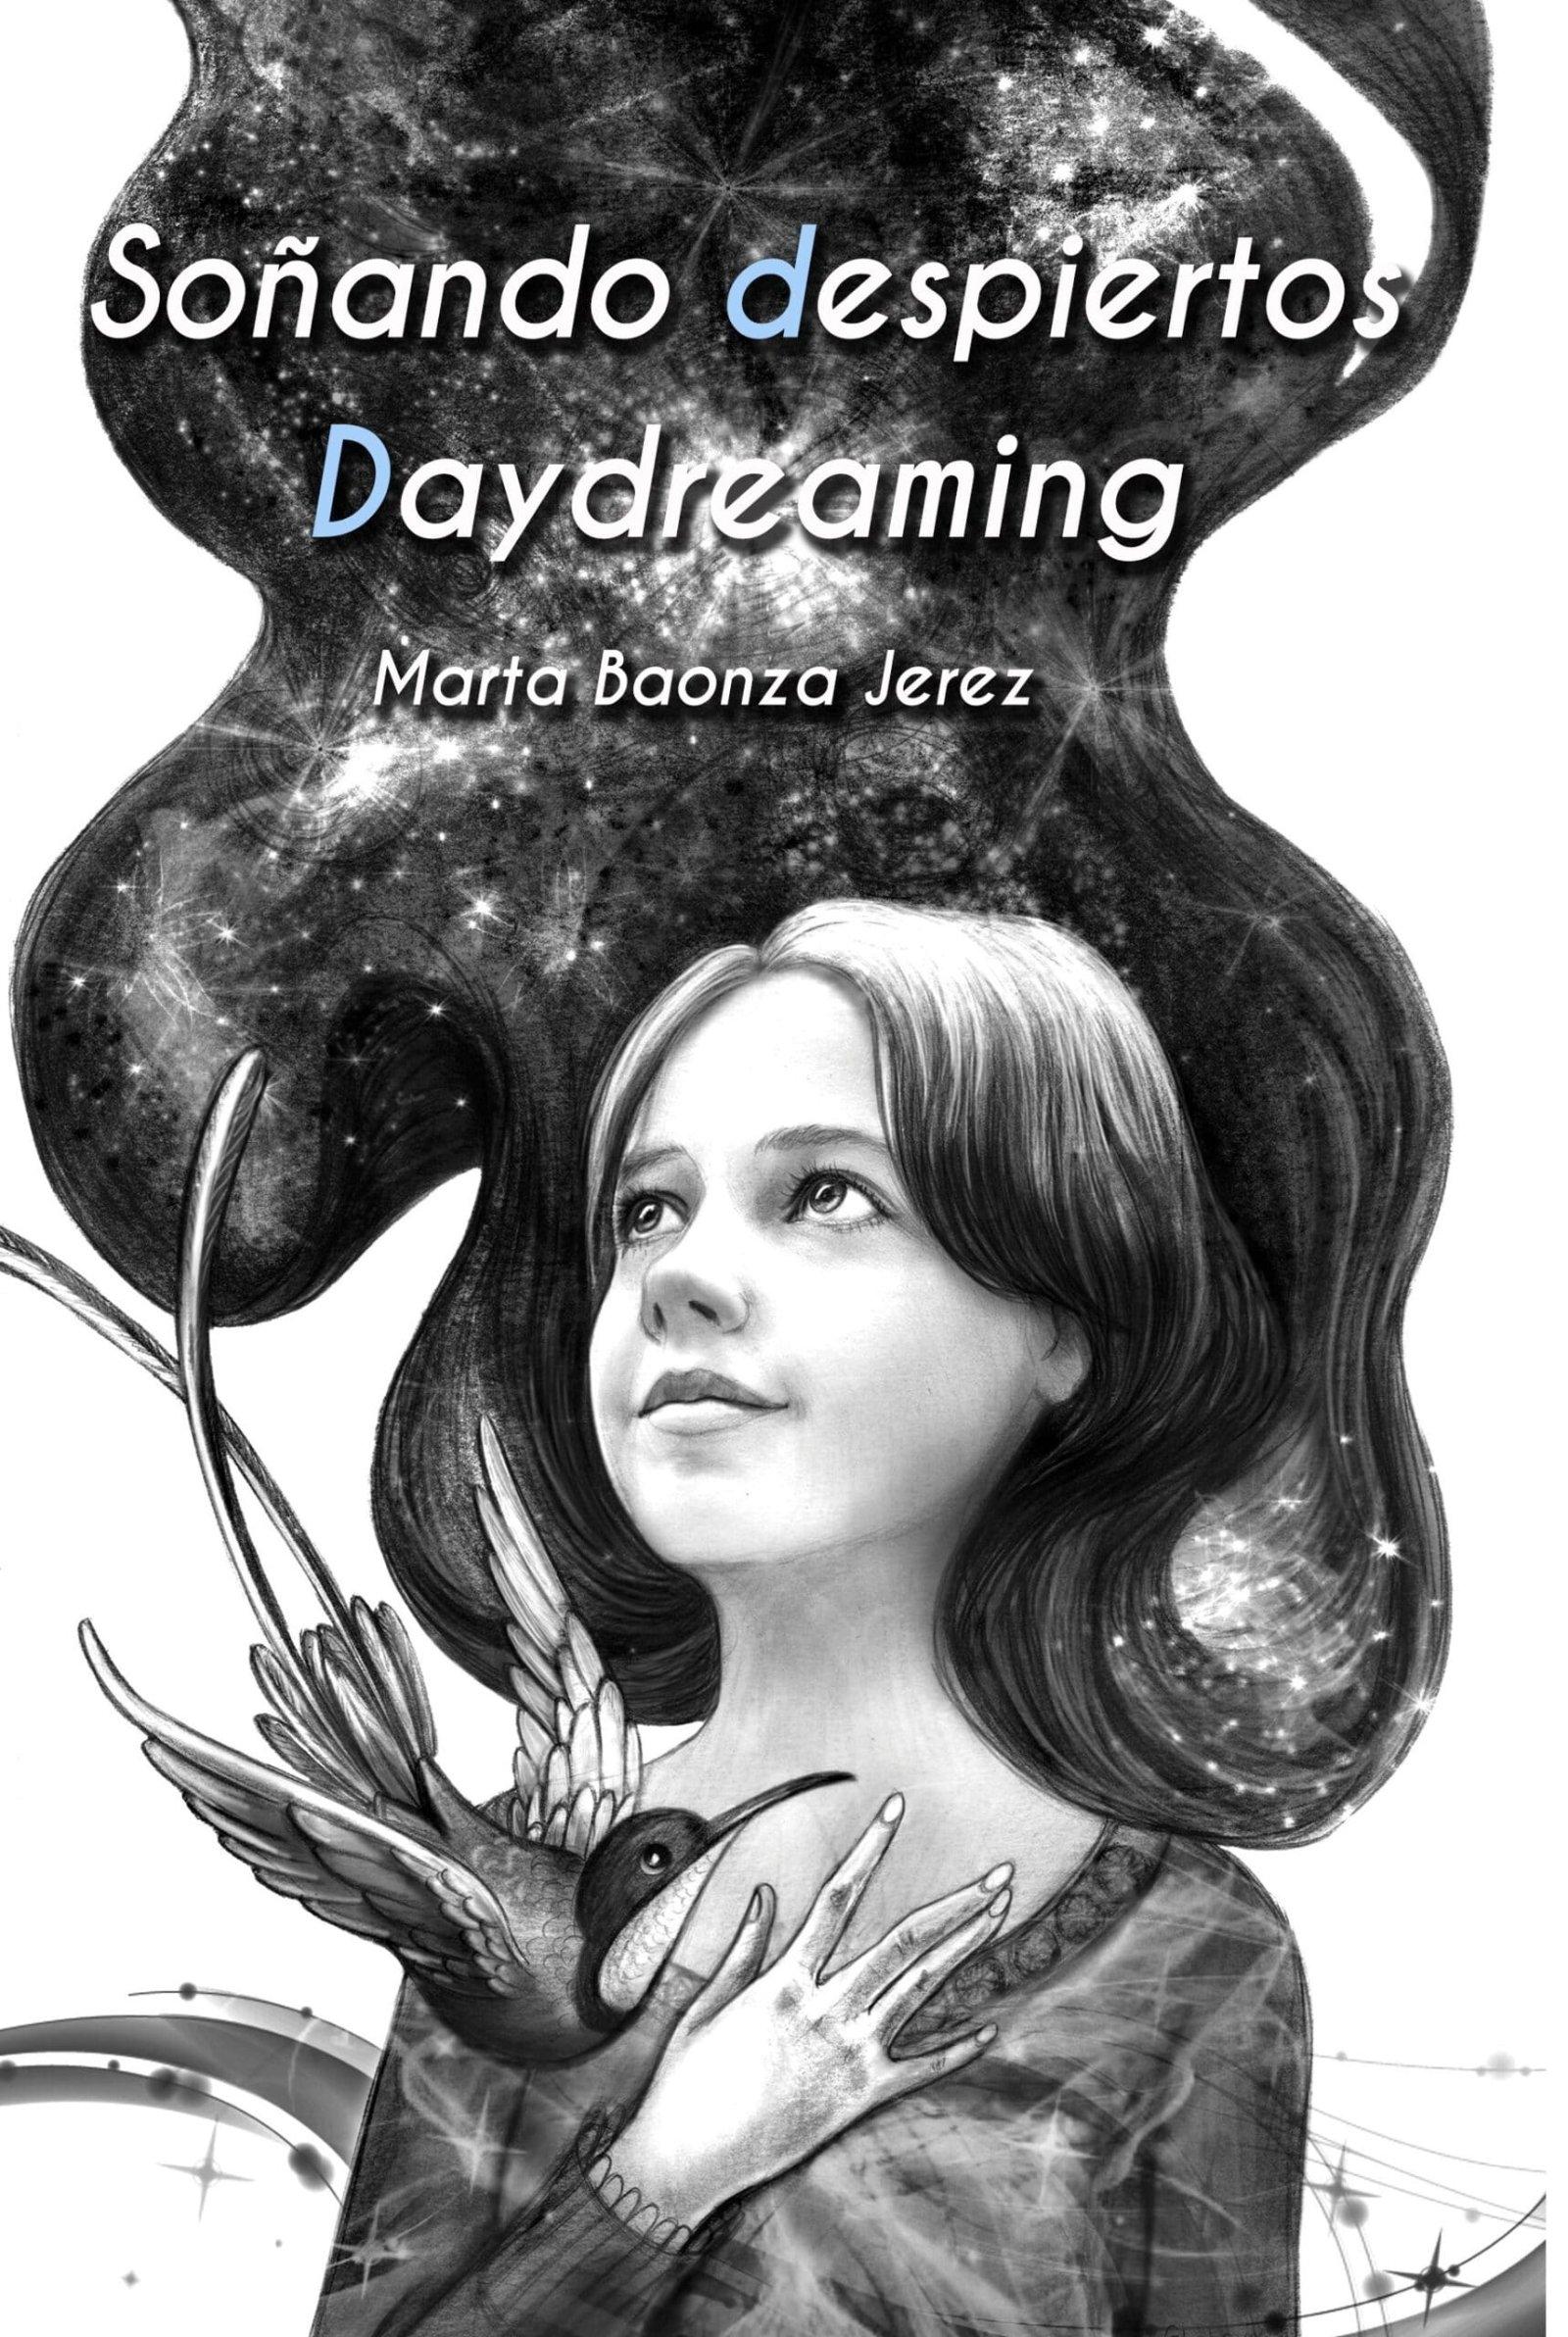 Soñando despiertos, de Marta Baonza Jerez